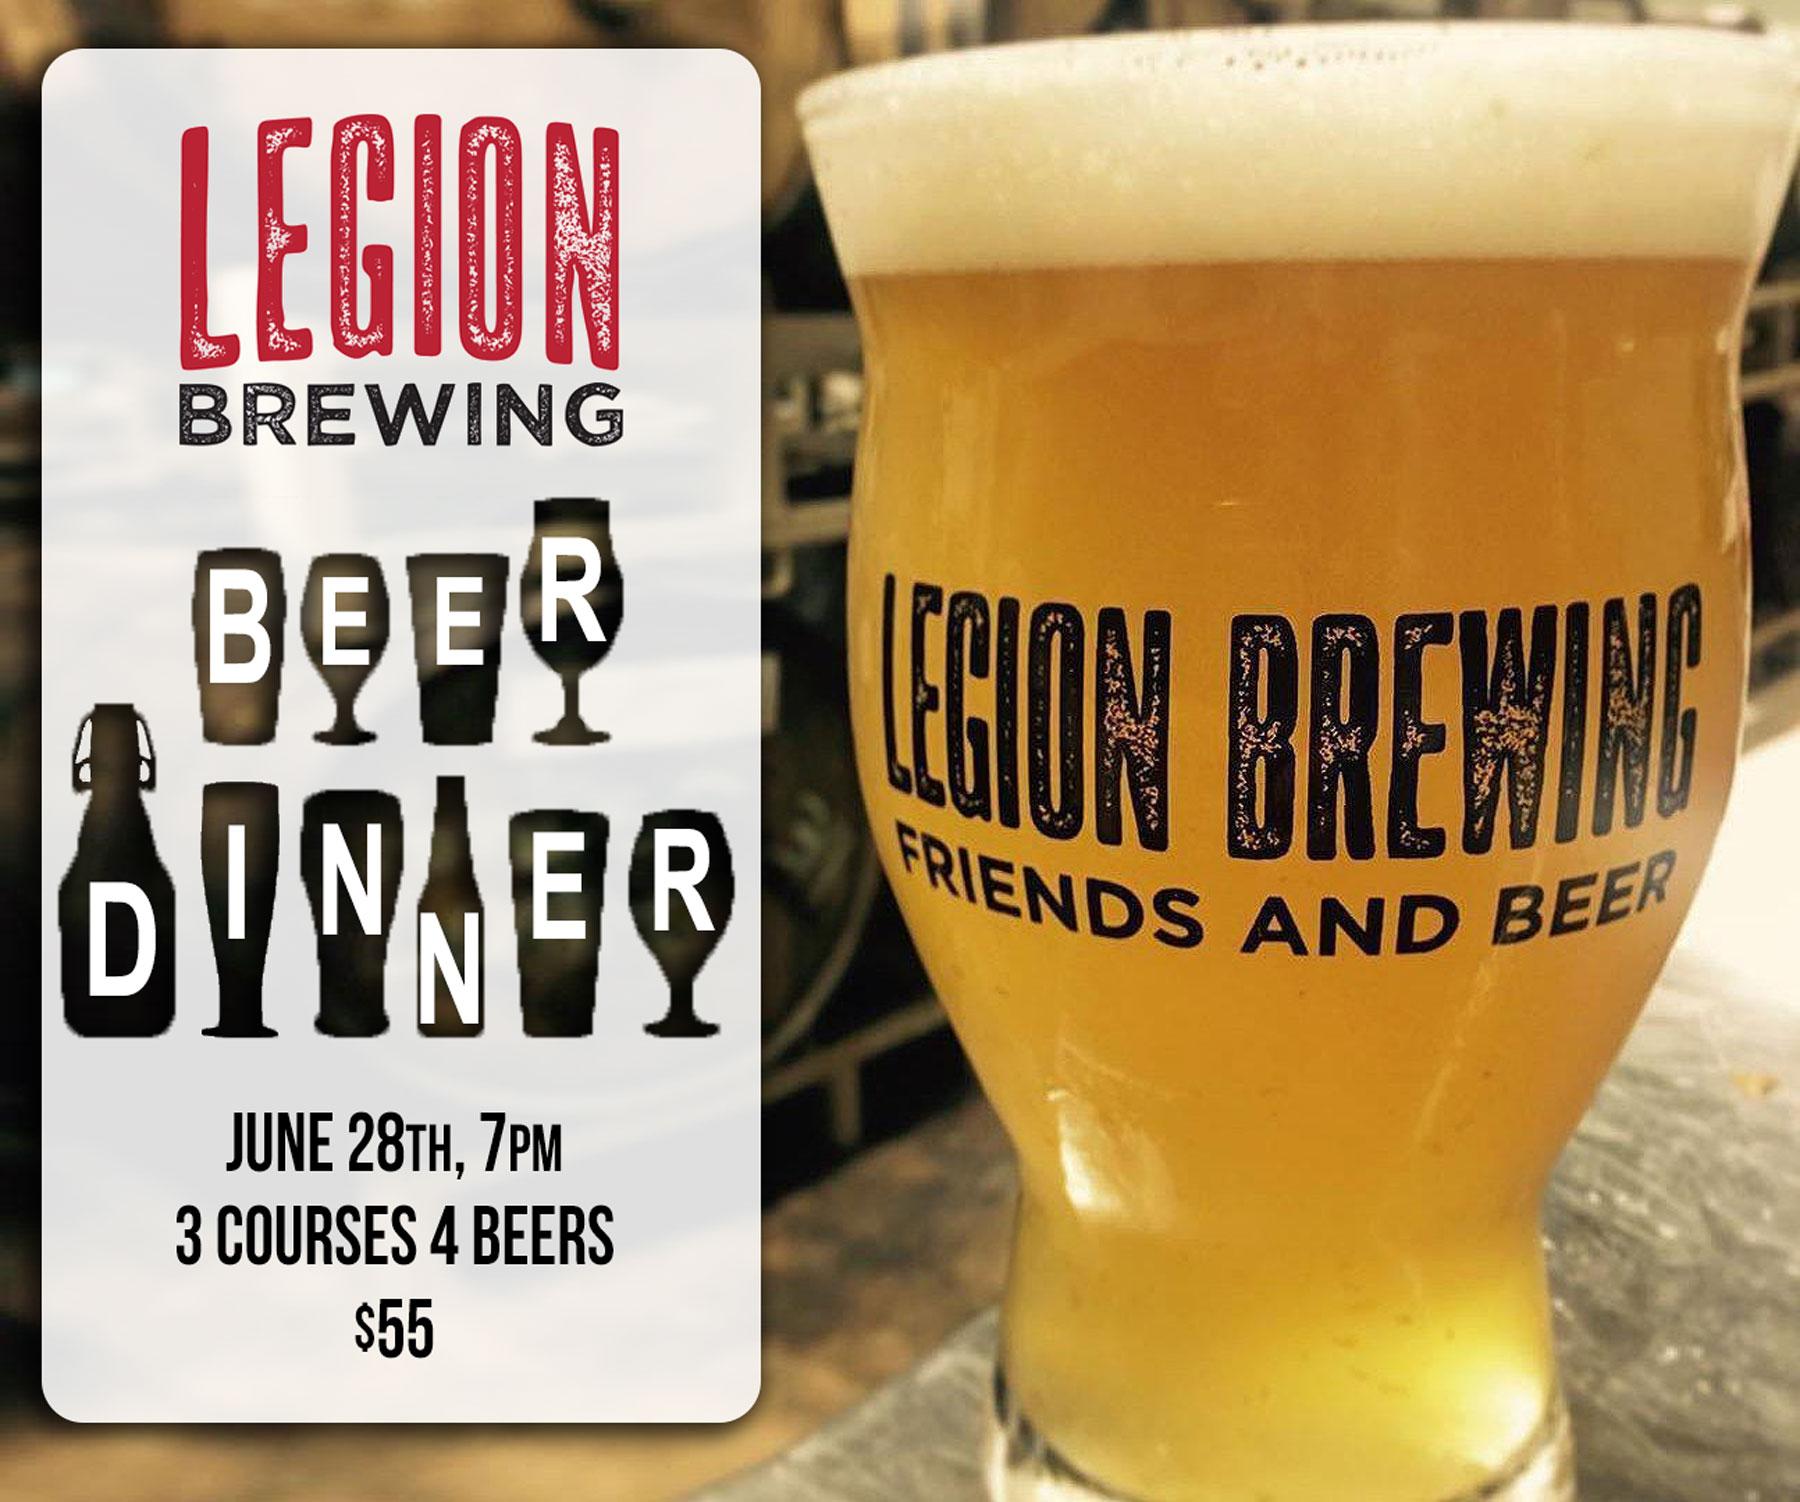 Legion-Beer-Dinner-HiRes.jpg